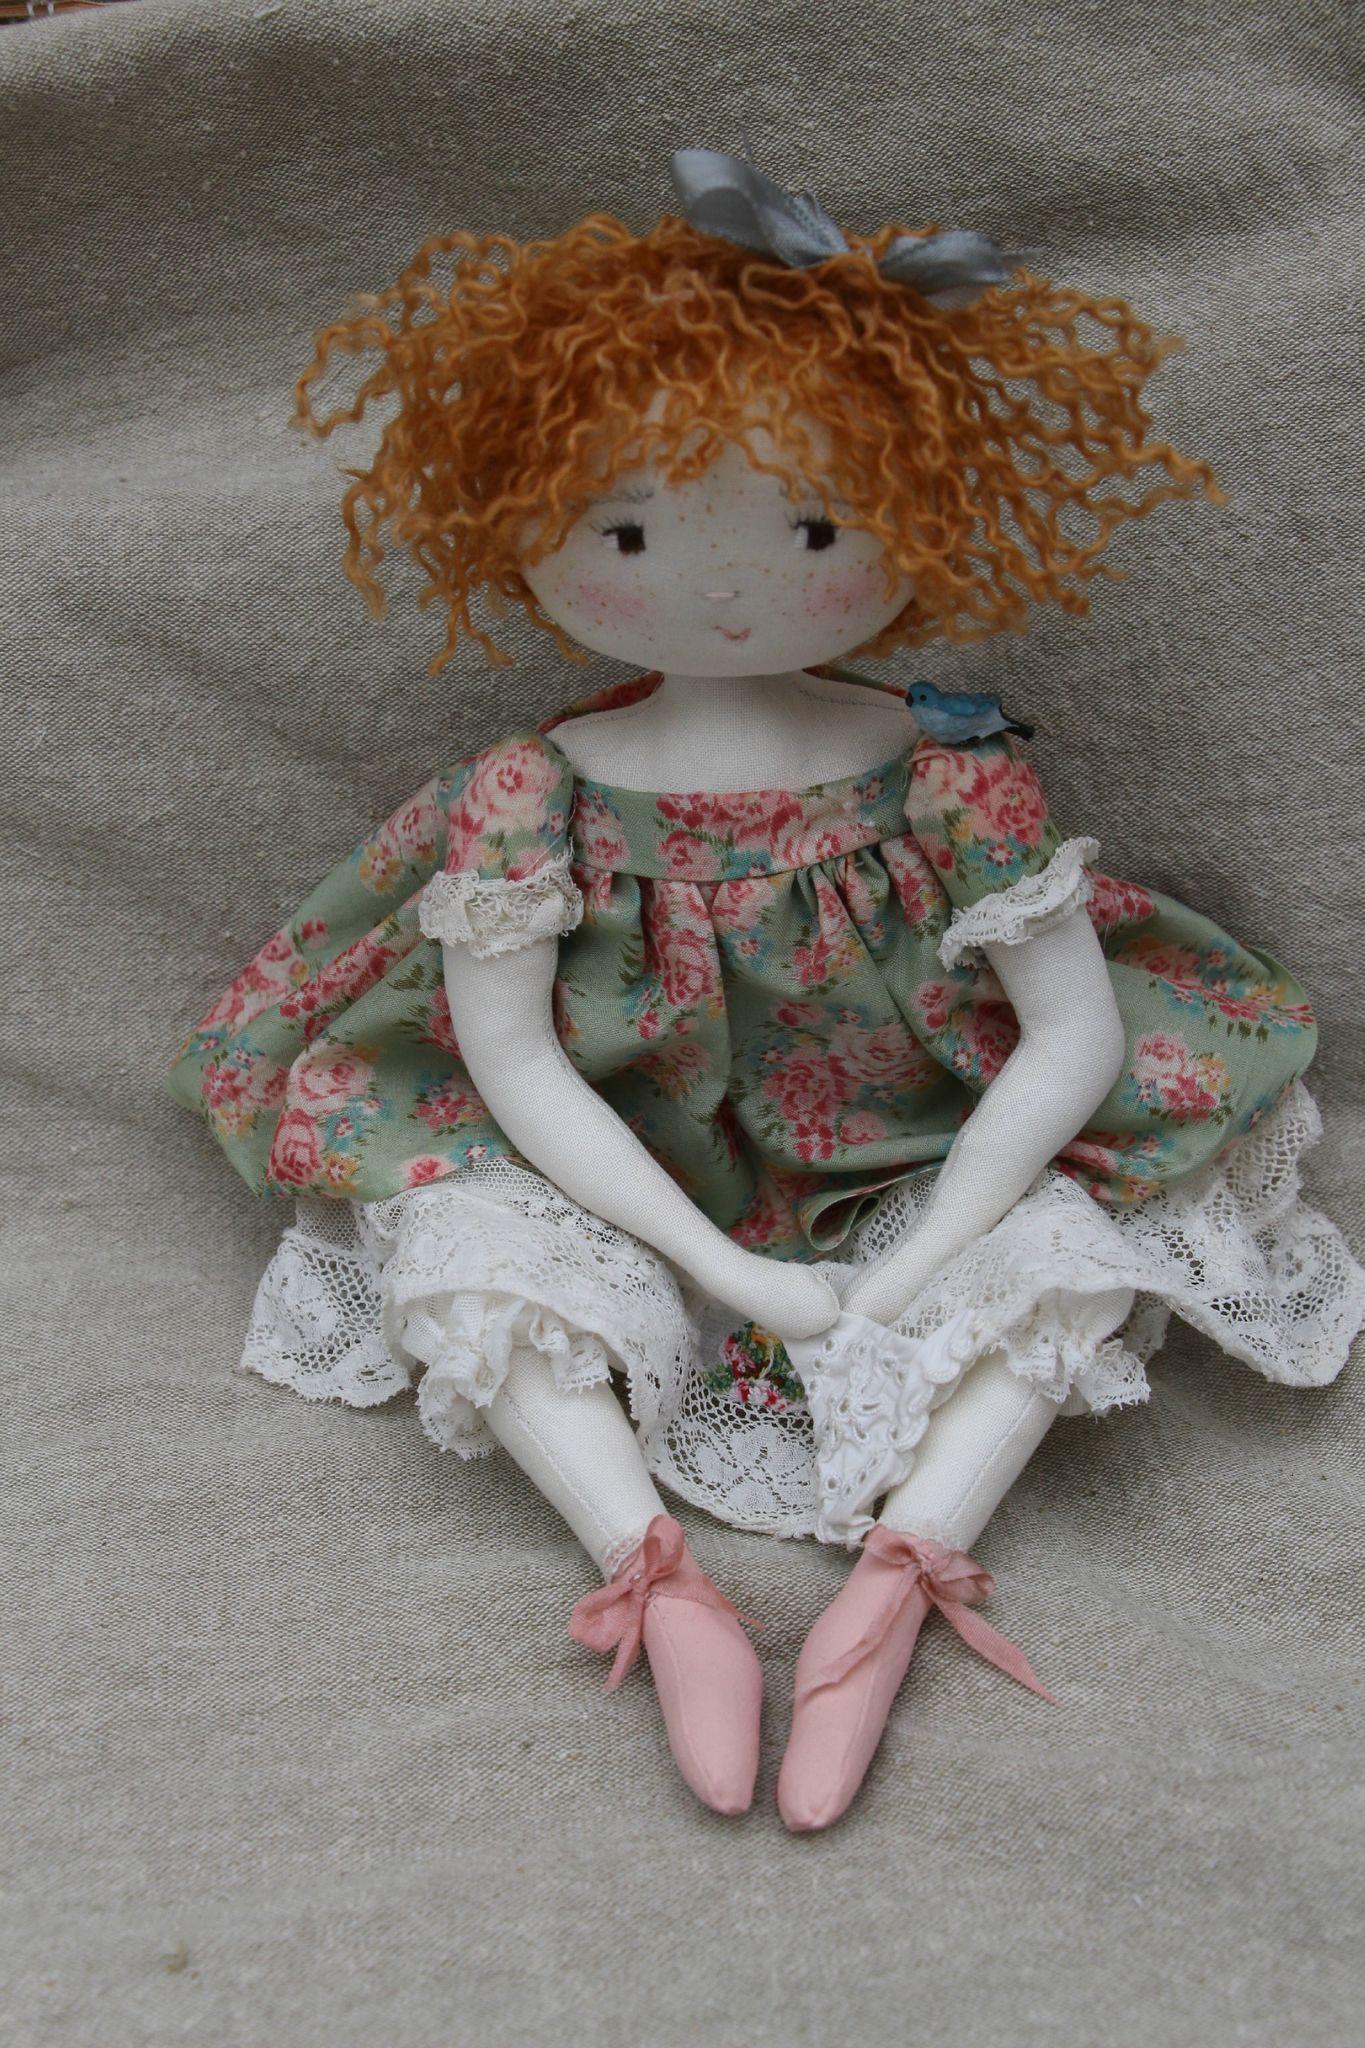 Paprika ...farfalette rigolotte et espiègle..(35cm) - Le Jardin des Farfalous ♡ lovely doll